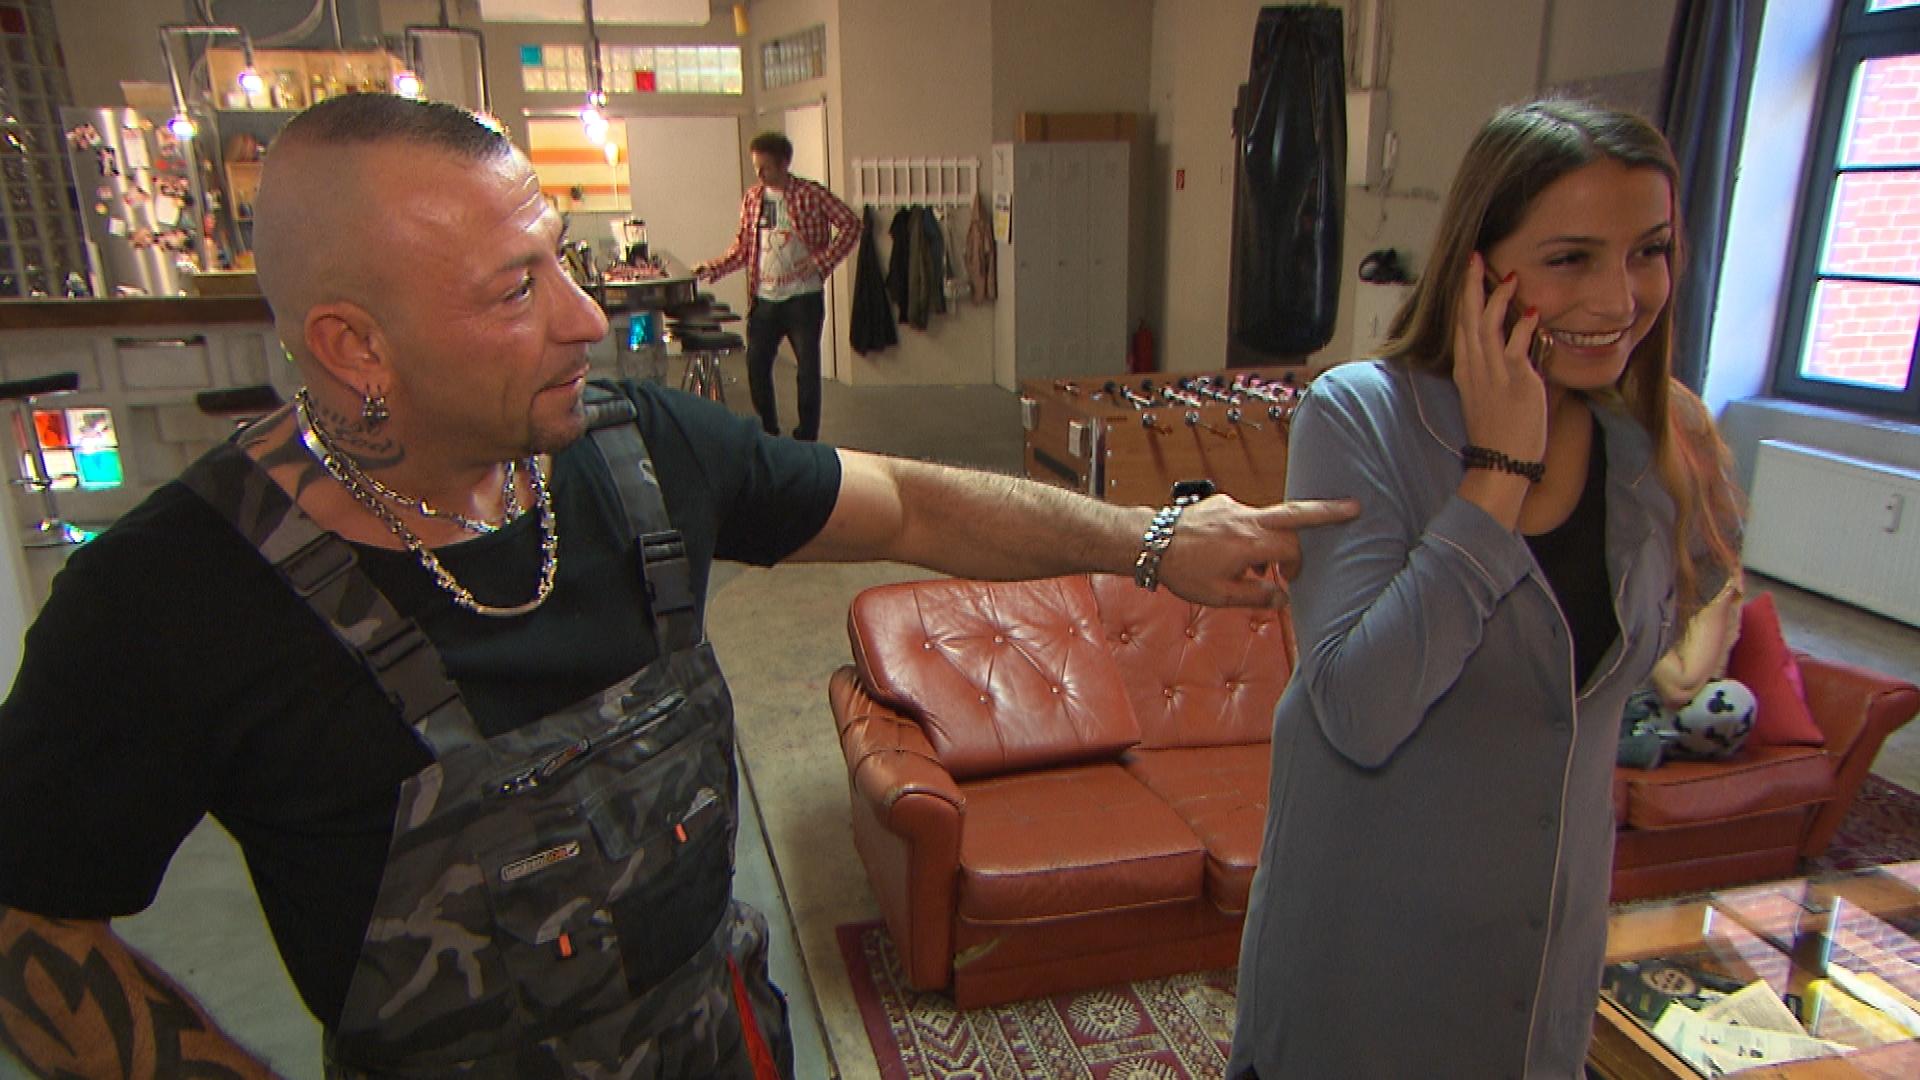 Fabrizio,li. Jessica,re. (Quelle: RTL 2)